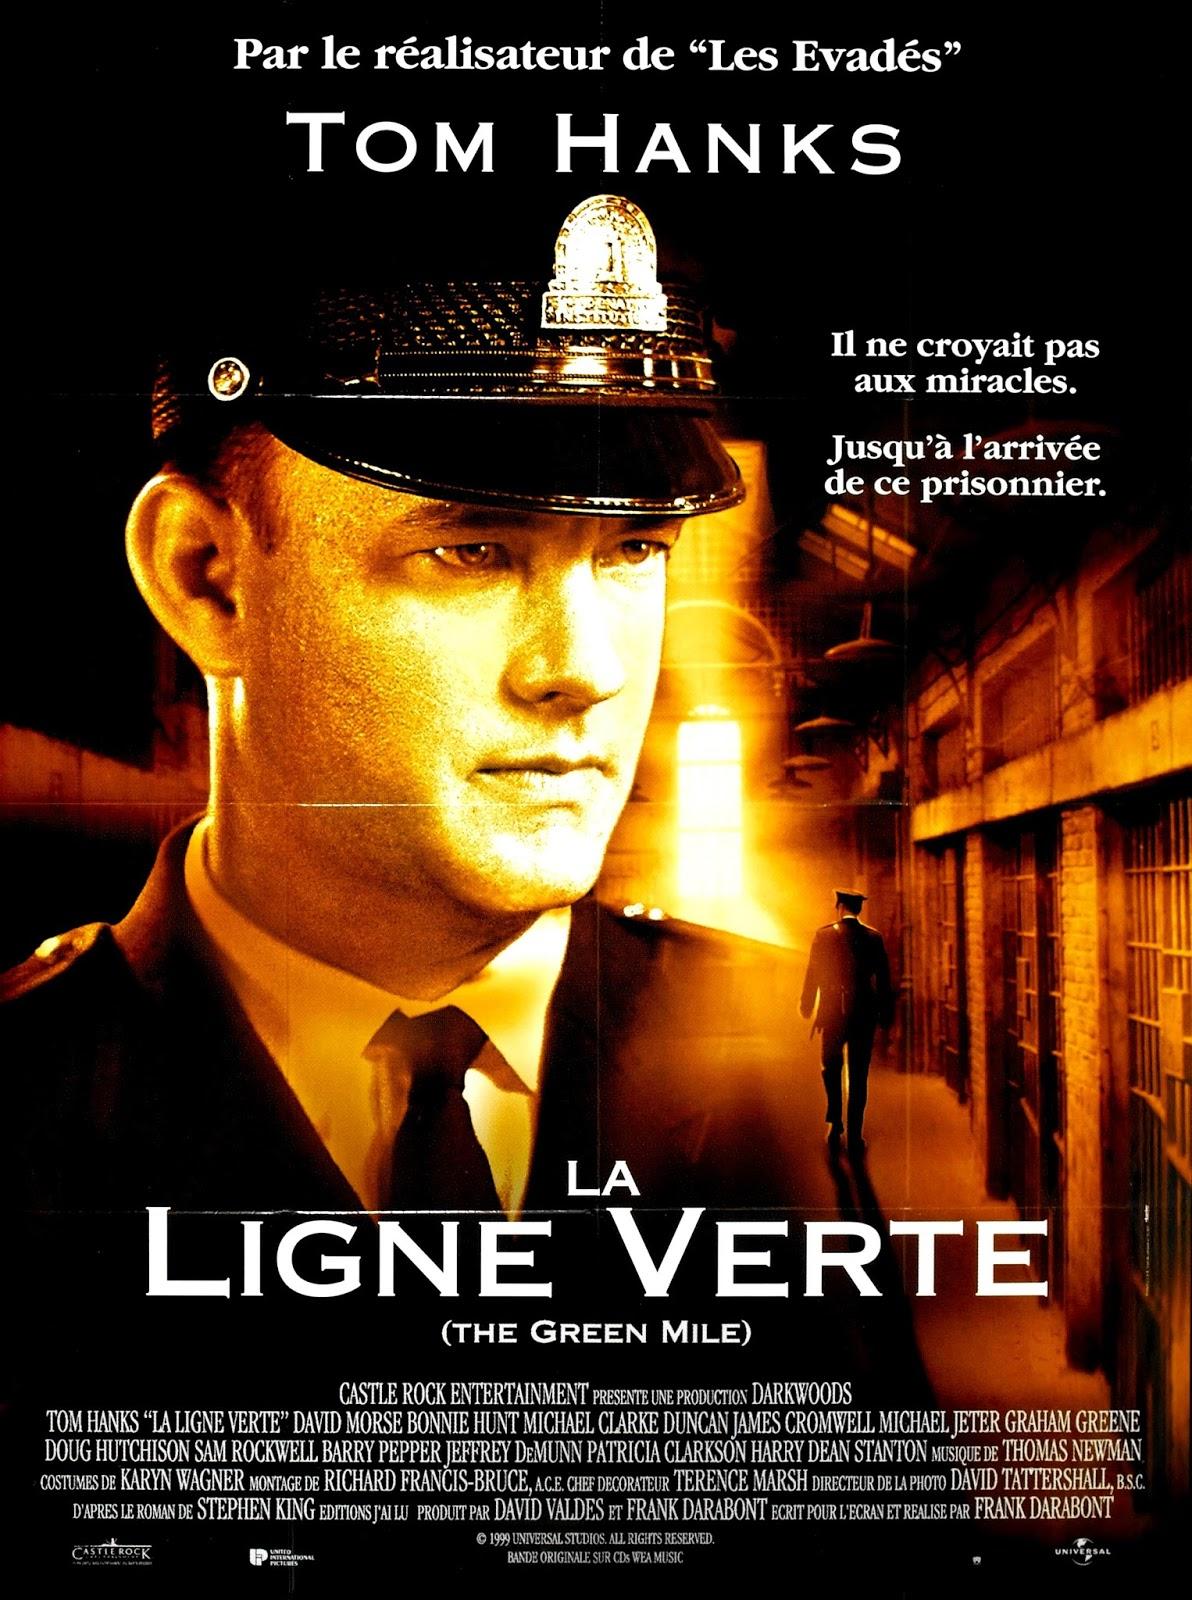 Affiches Photos D Exploitation Bandes Annonces La Ligne Verte 1998 Frank Darabont The Green Mile